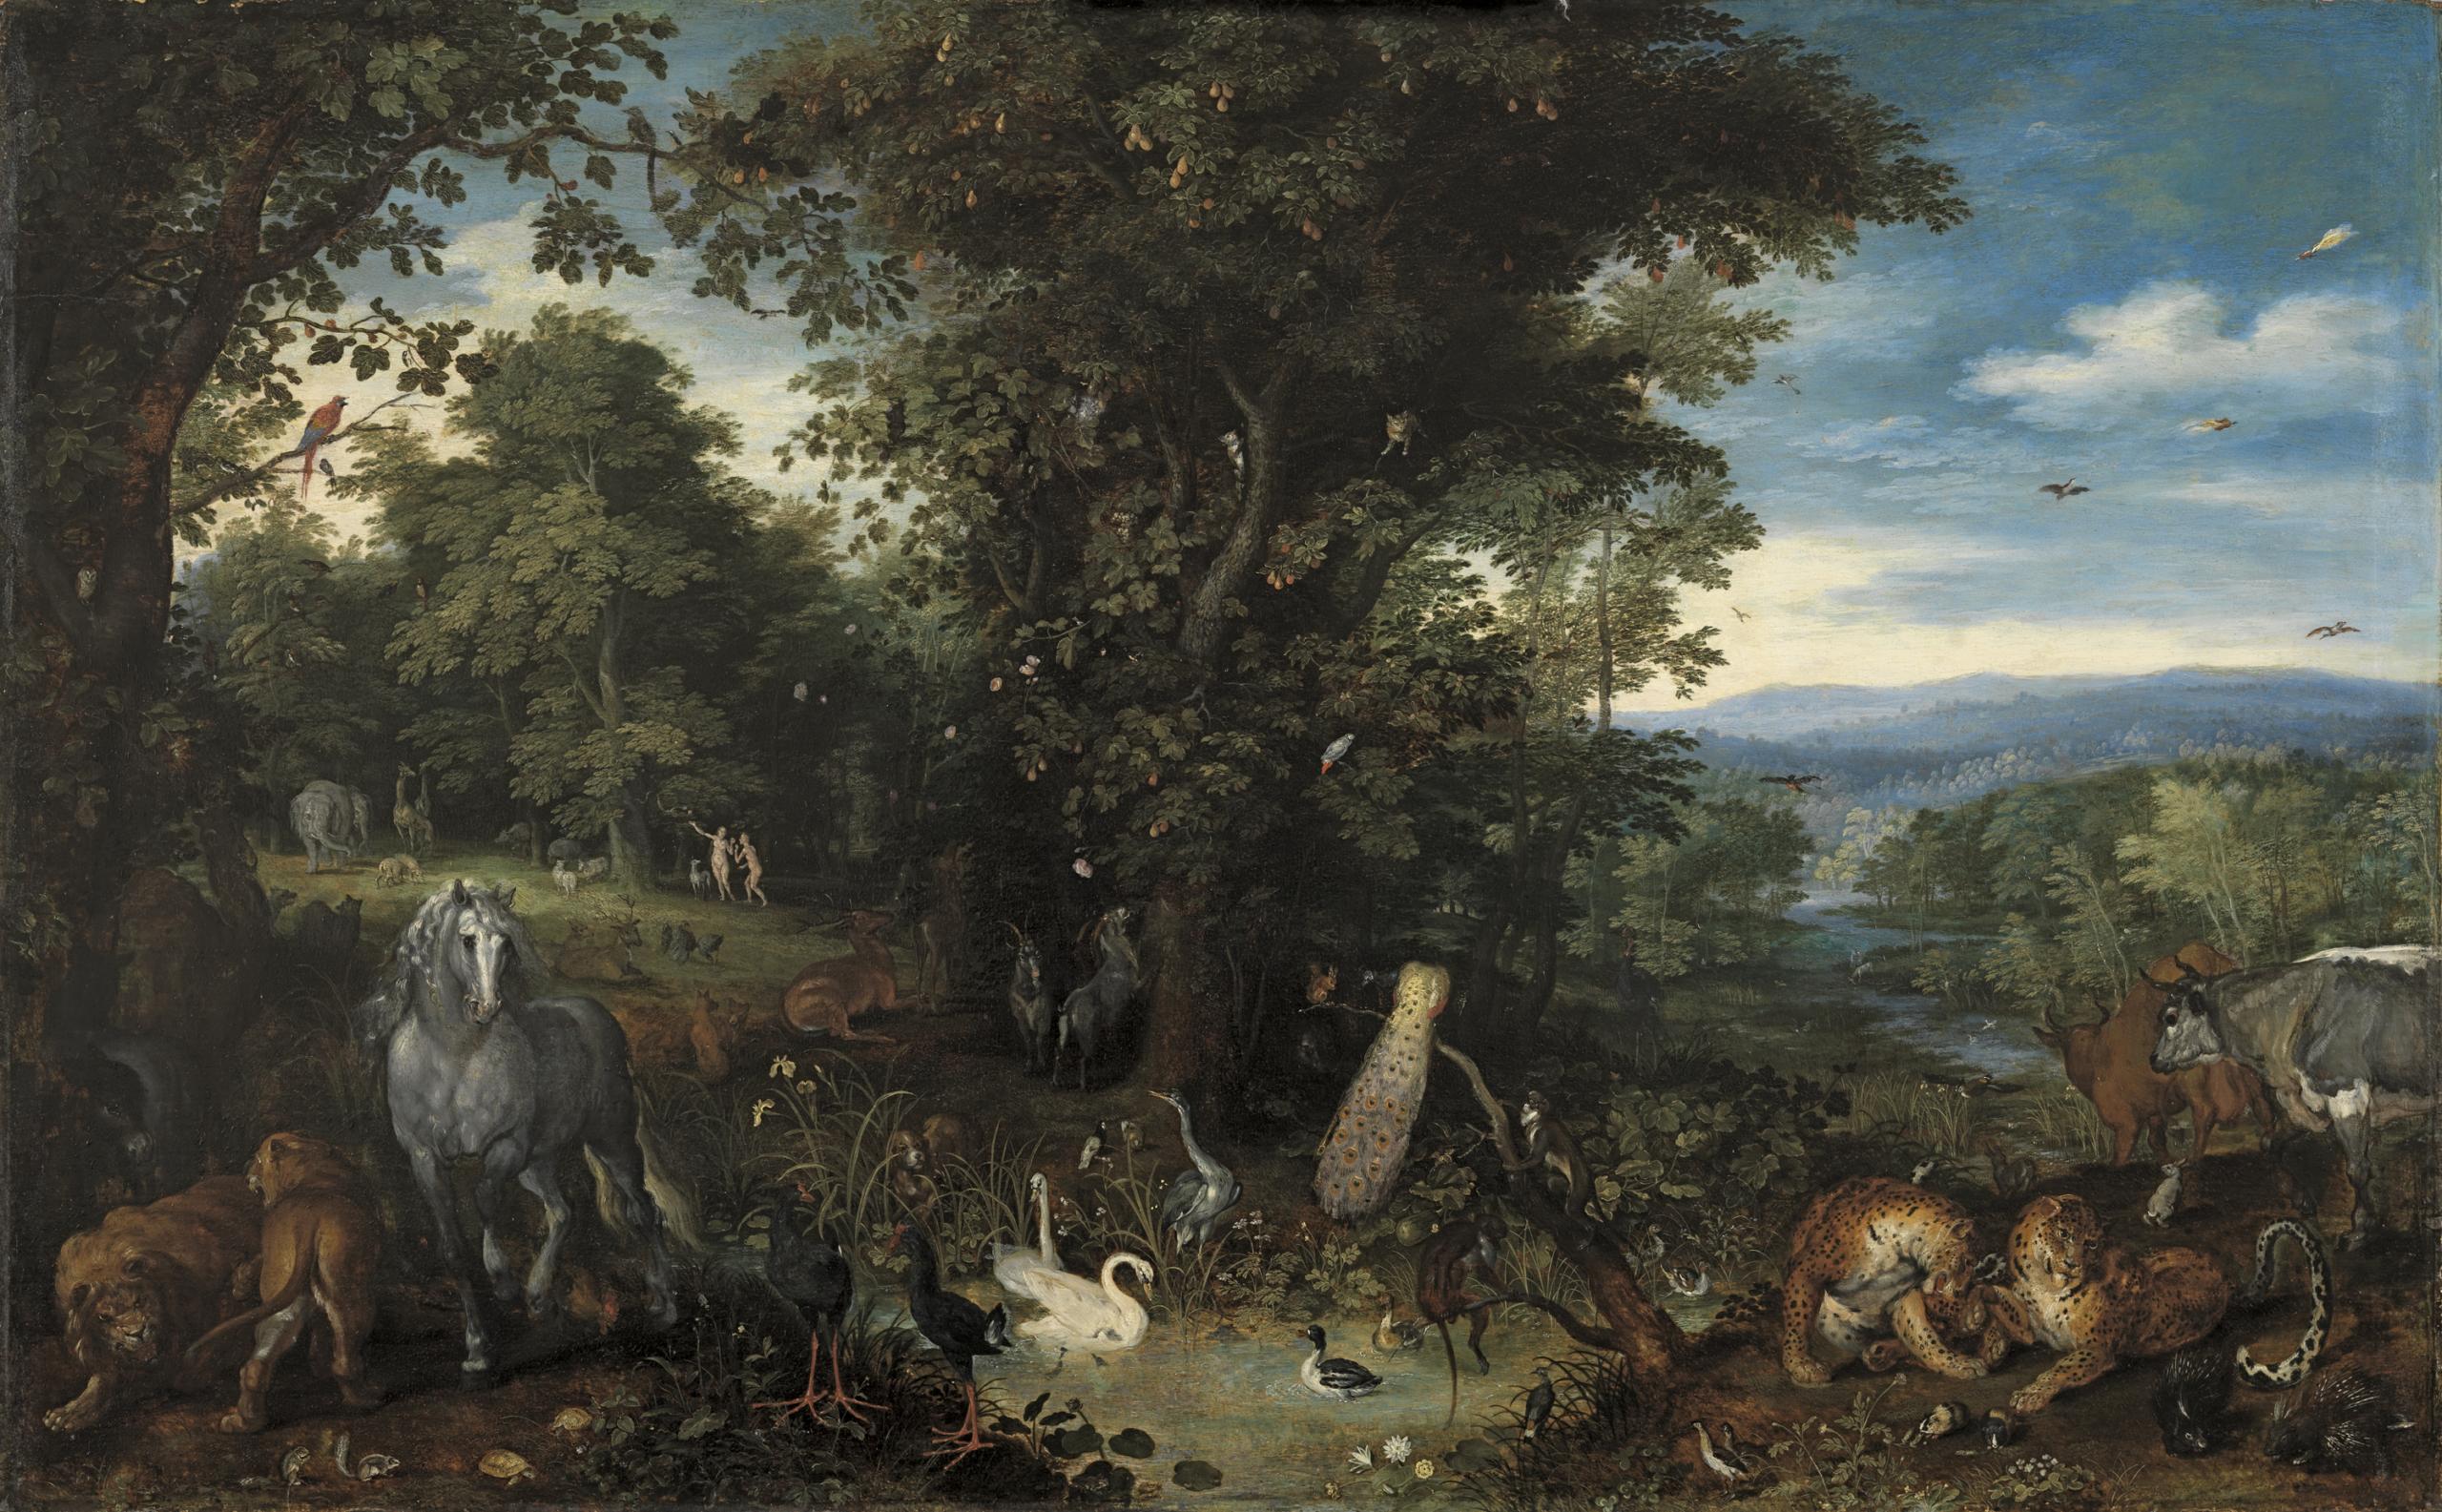 BRUEGHEL, Jan El Viejo_El Jardín del Edén, c.1610-1612 _(CTB.1988.29)